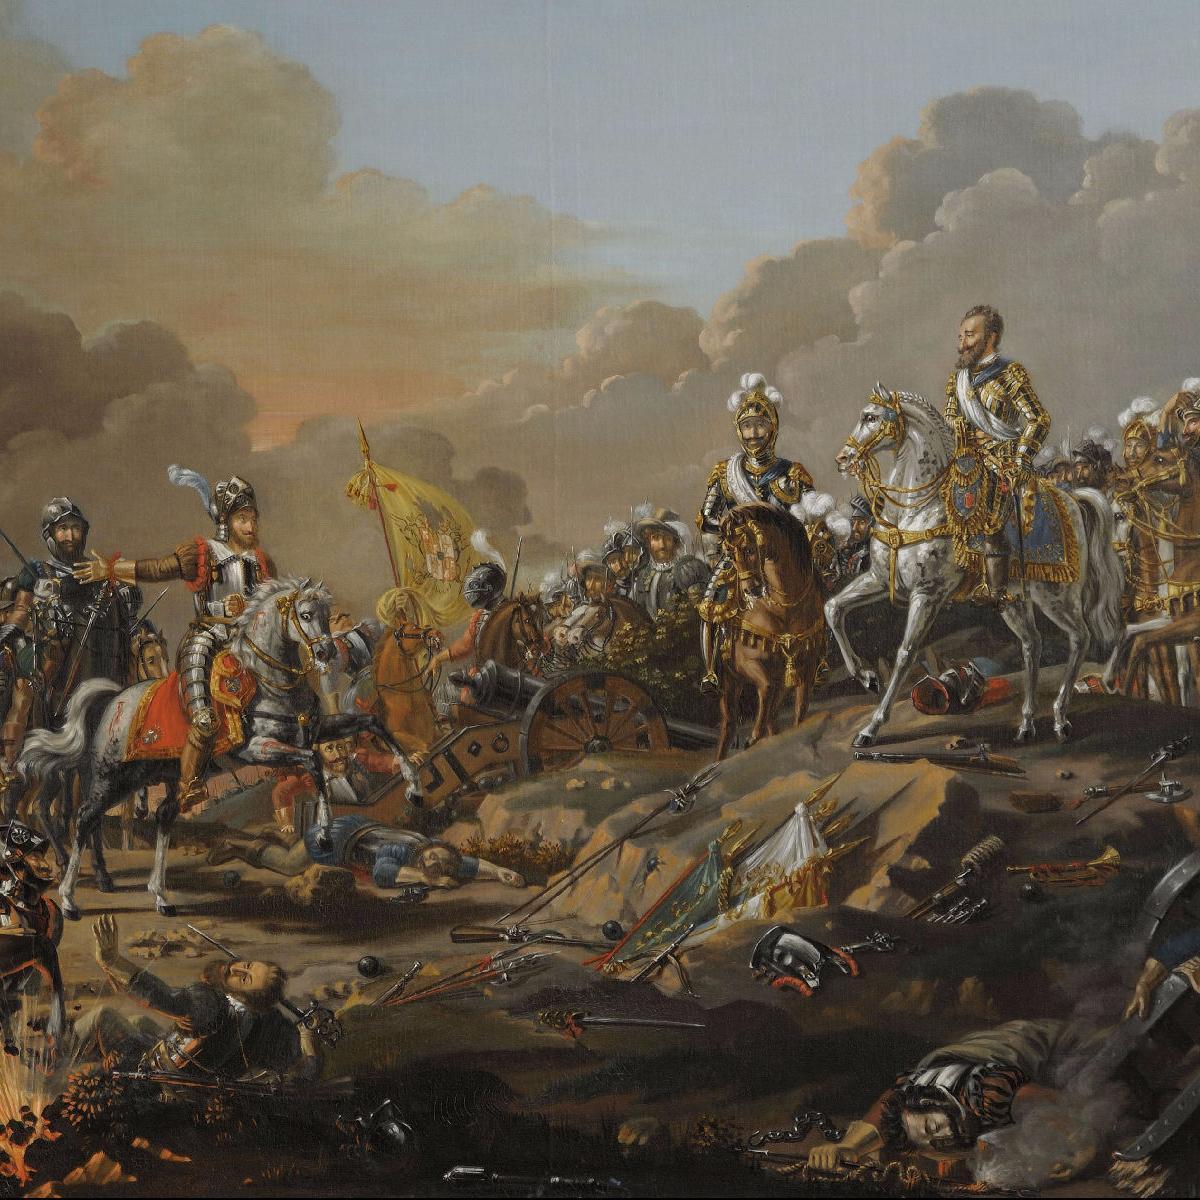 Картинки по запросу Молодые годы герцога Генриха Наваррского Битва при Кутра стала одним из поворотных событий французской истории: встреча двух небольших армий повлияла на историю всей страны. Фото